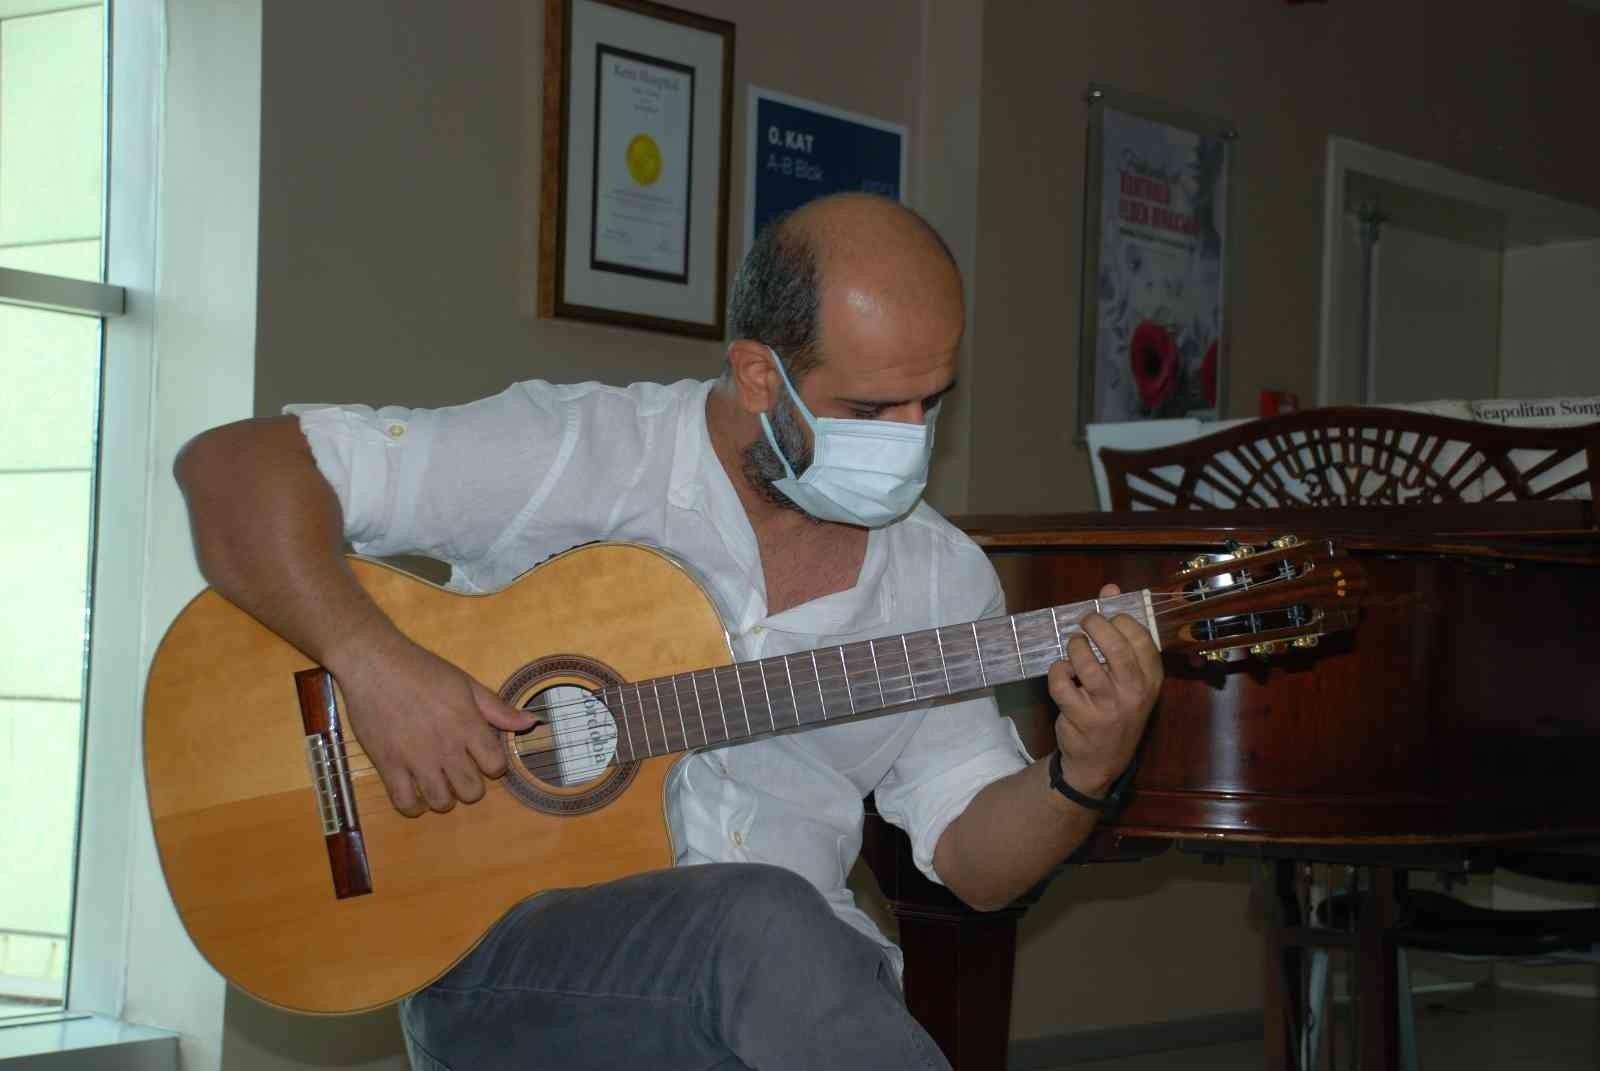 2021/10/ameliyattan-sonra-gitar-calarak-doktoruna-resital-verdi-20211013AW44-1.jpg